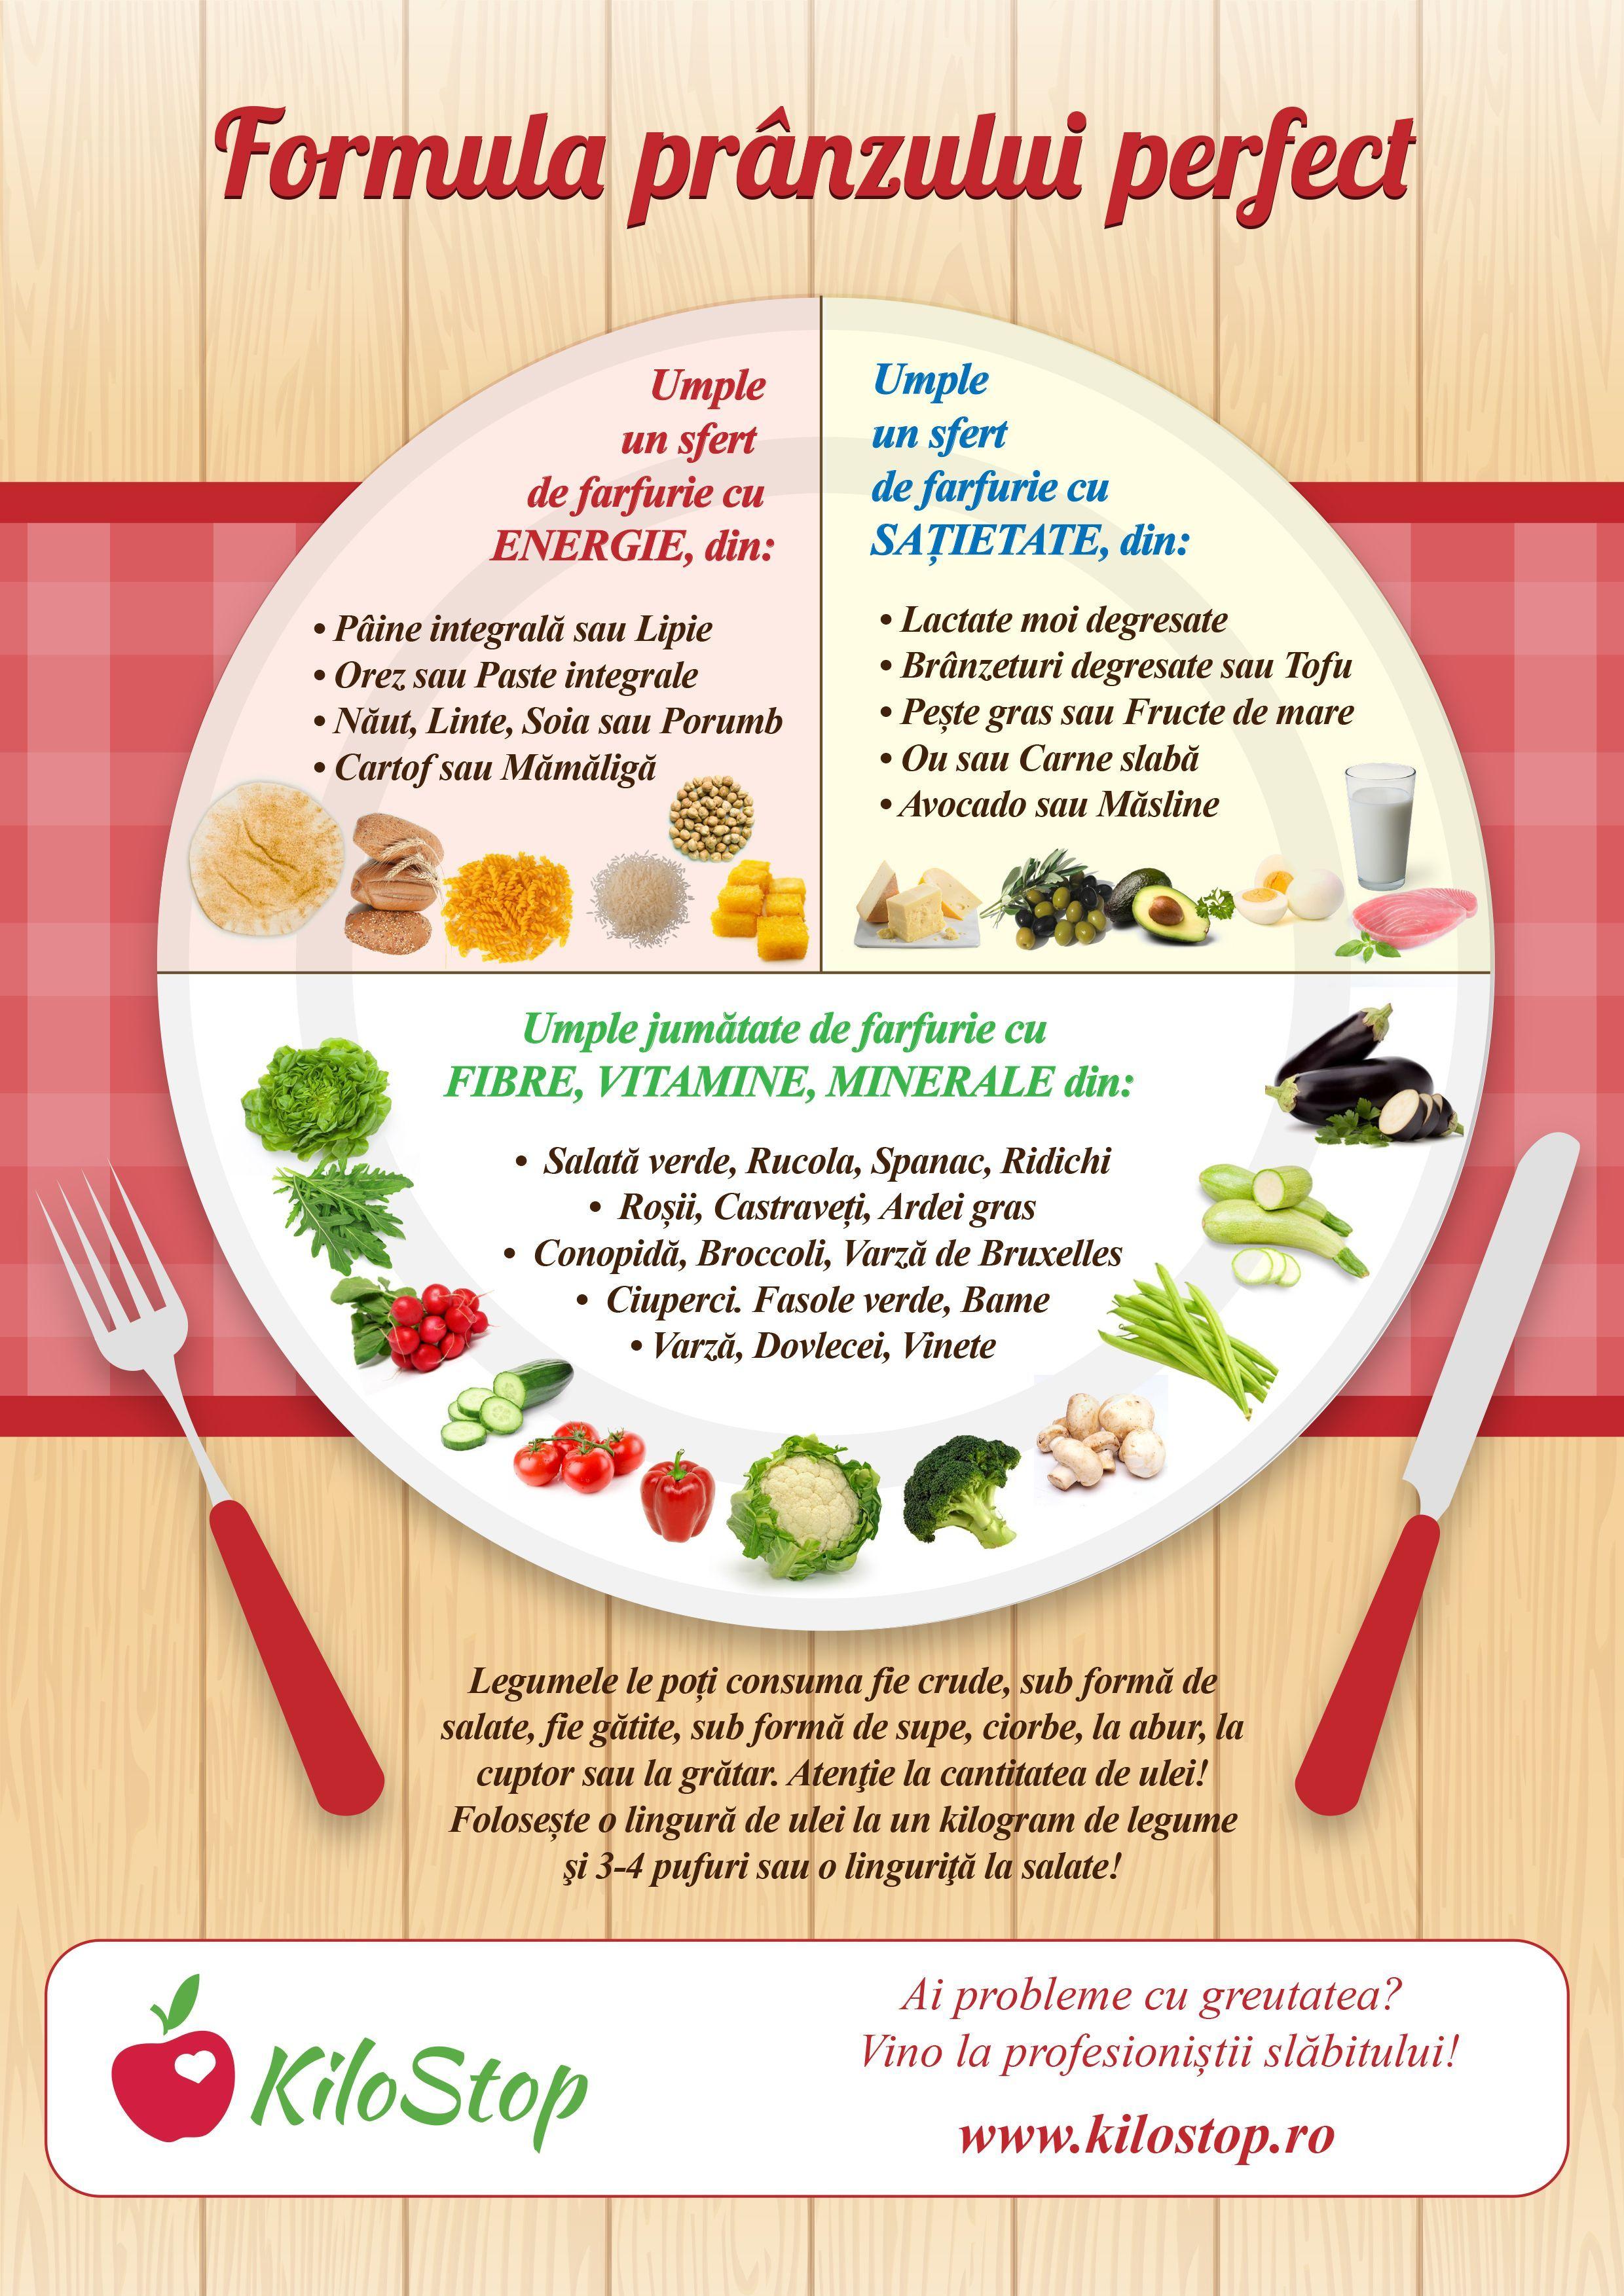 7 moduri sănătoase de a pierde în greutate